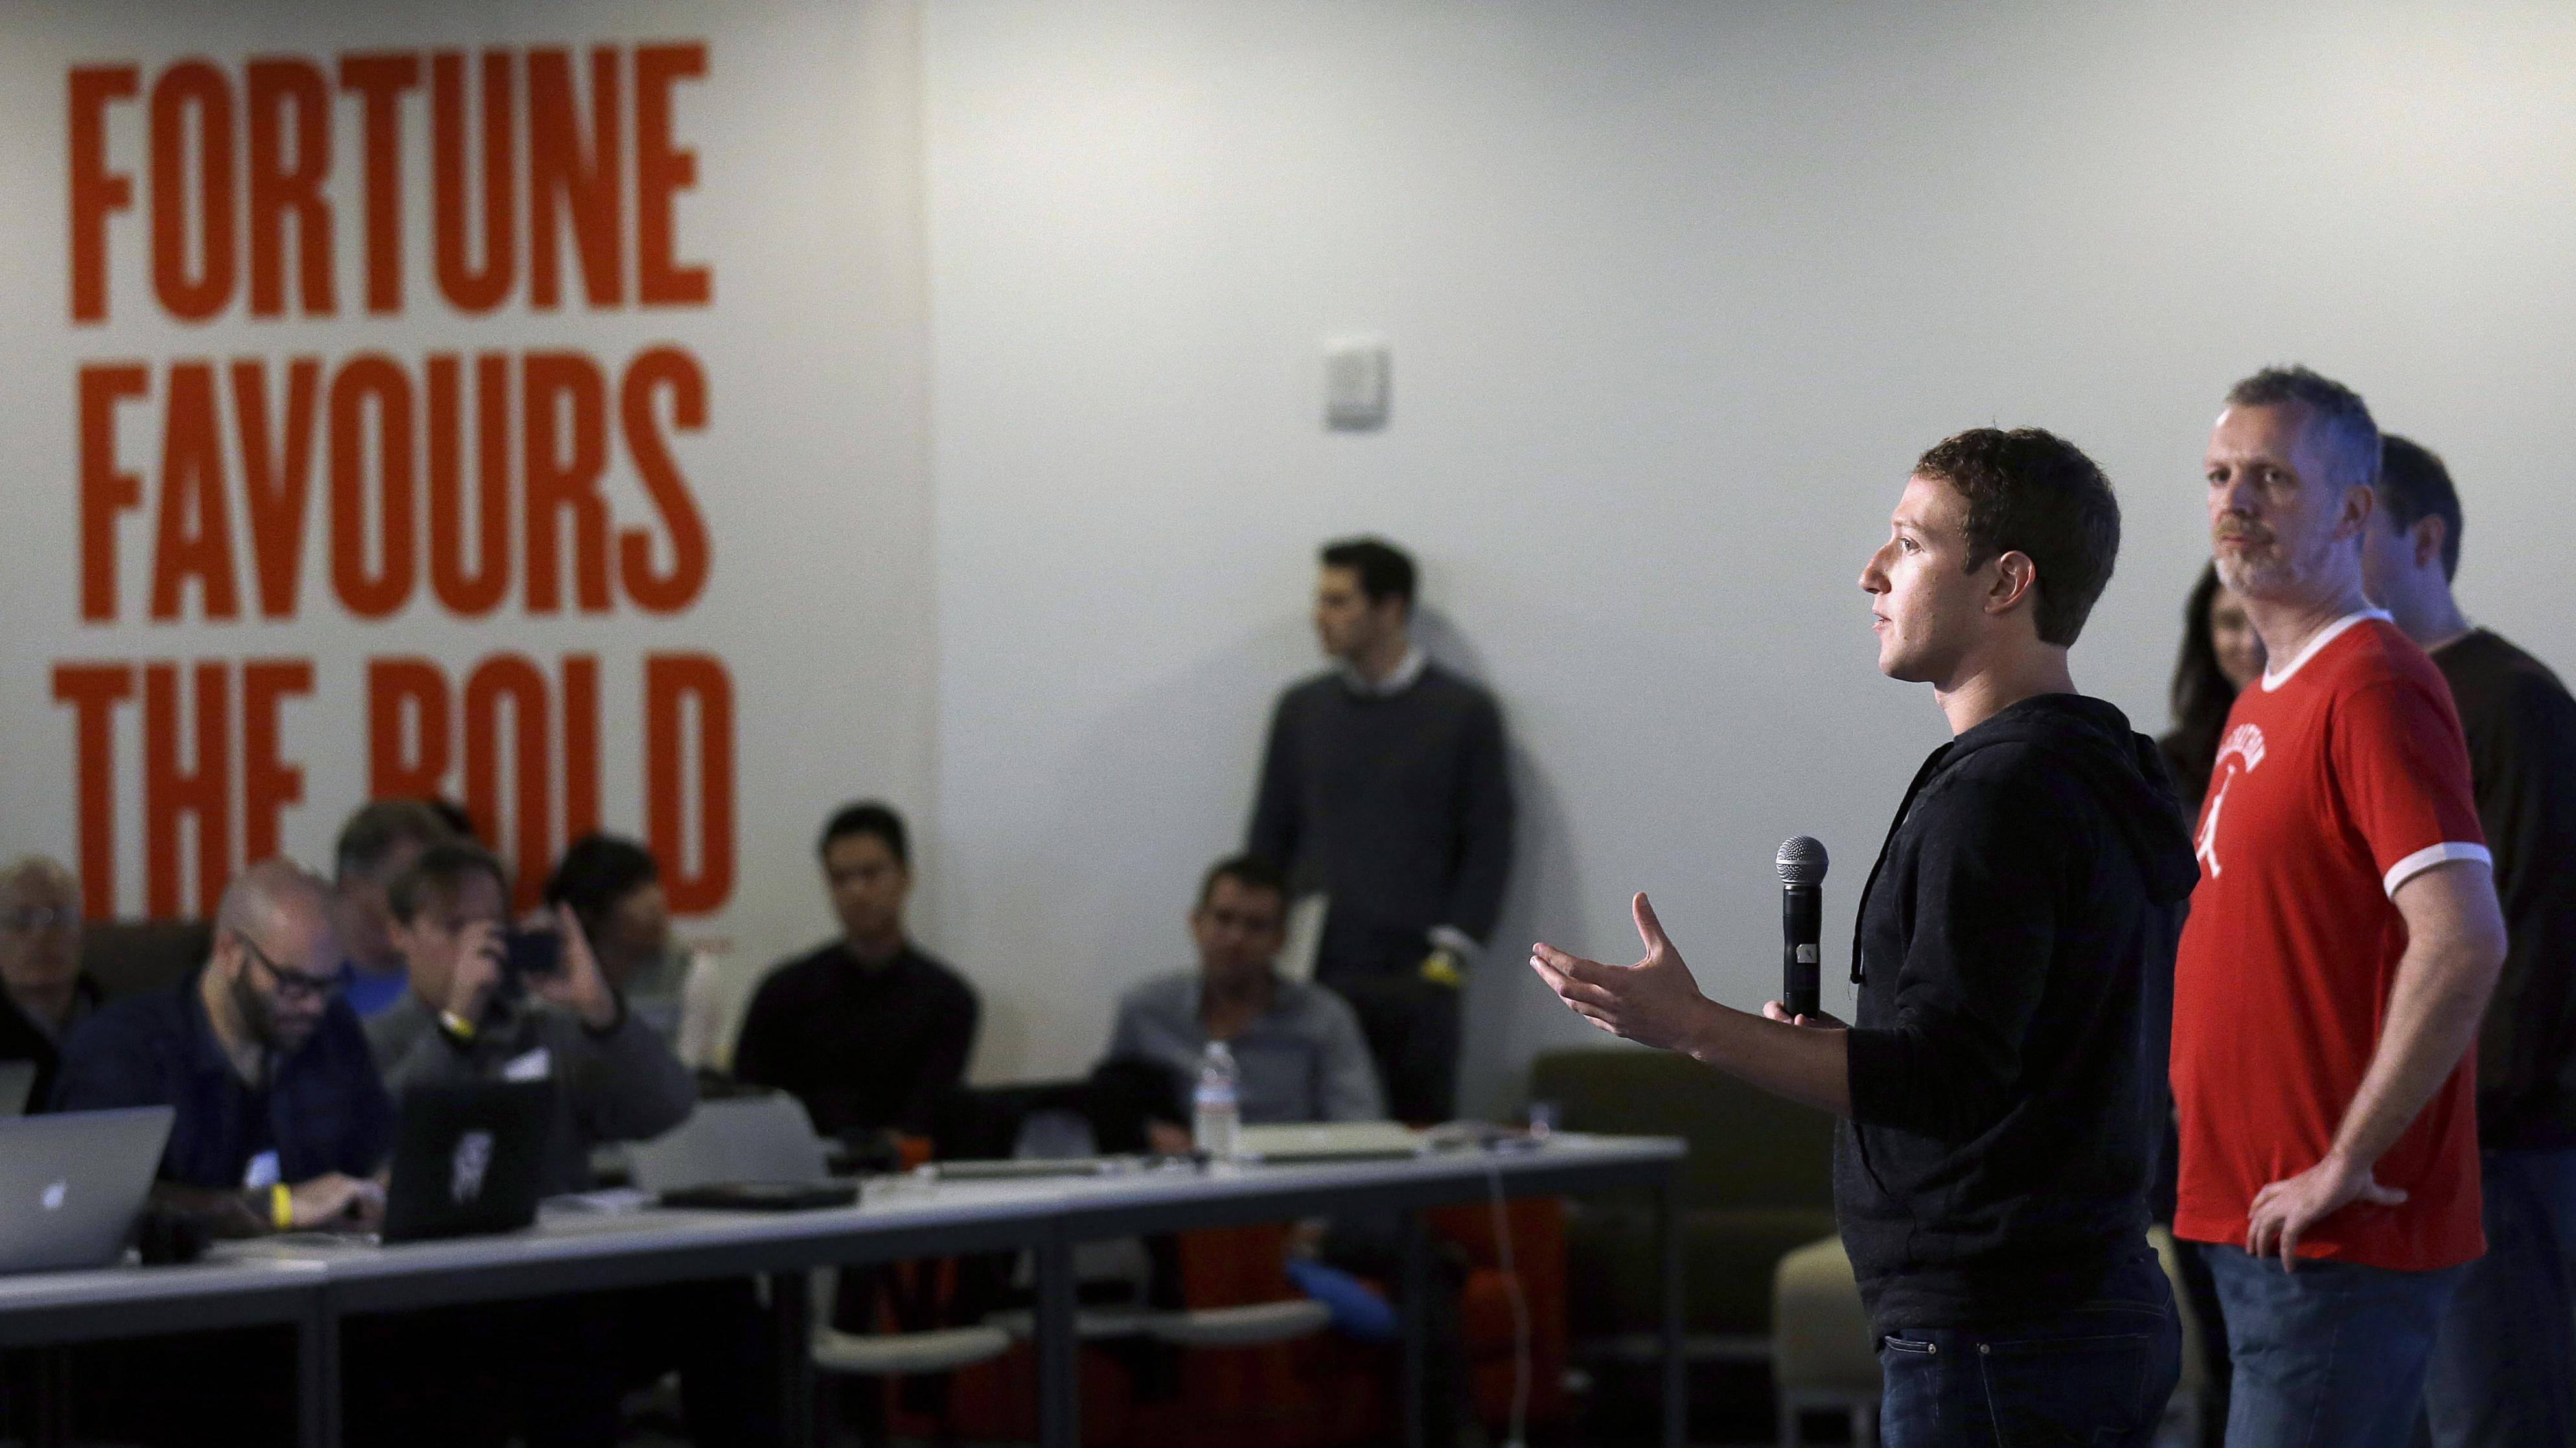 Facebook CEO Mark Zuckerberg announced Graph Search